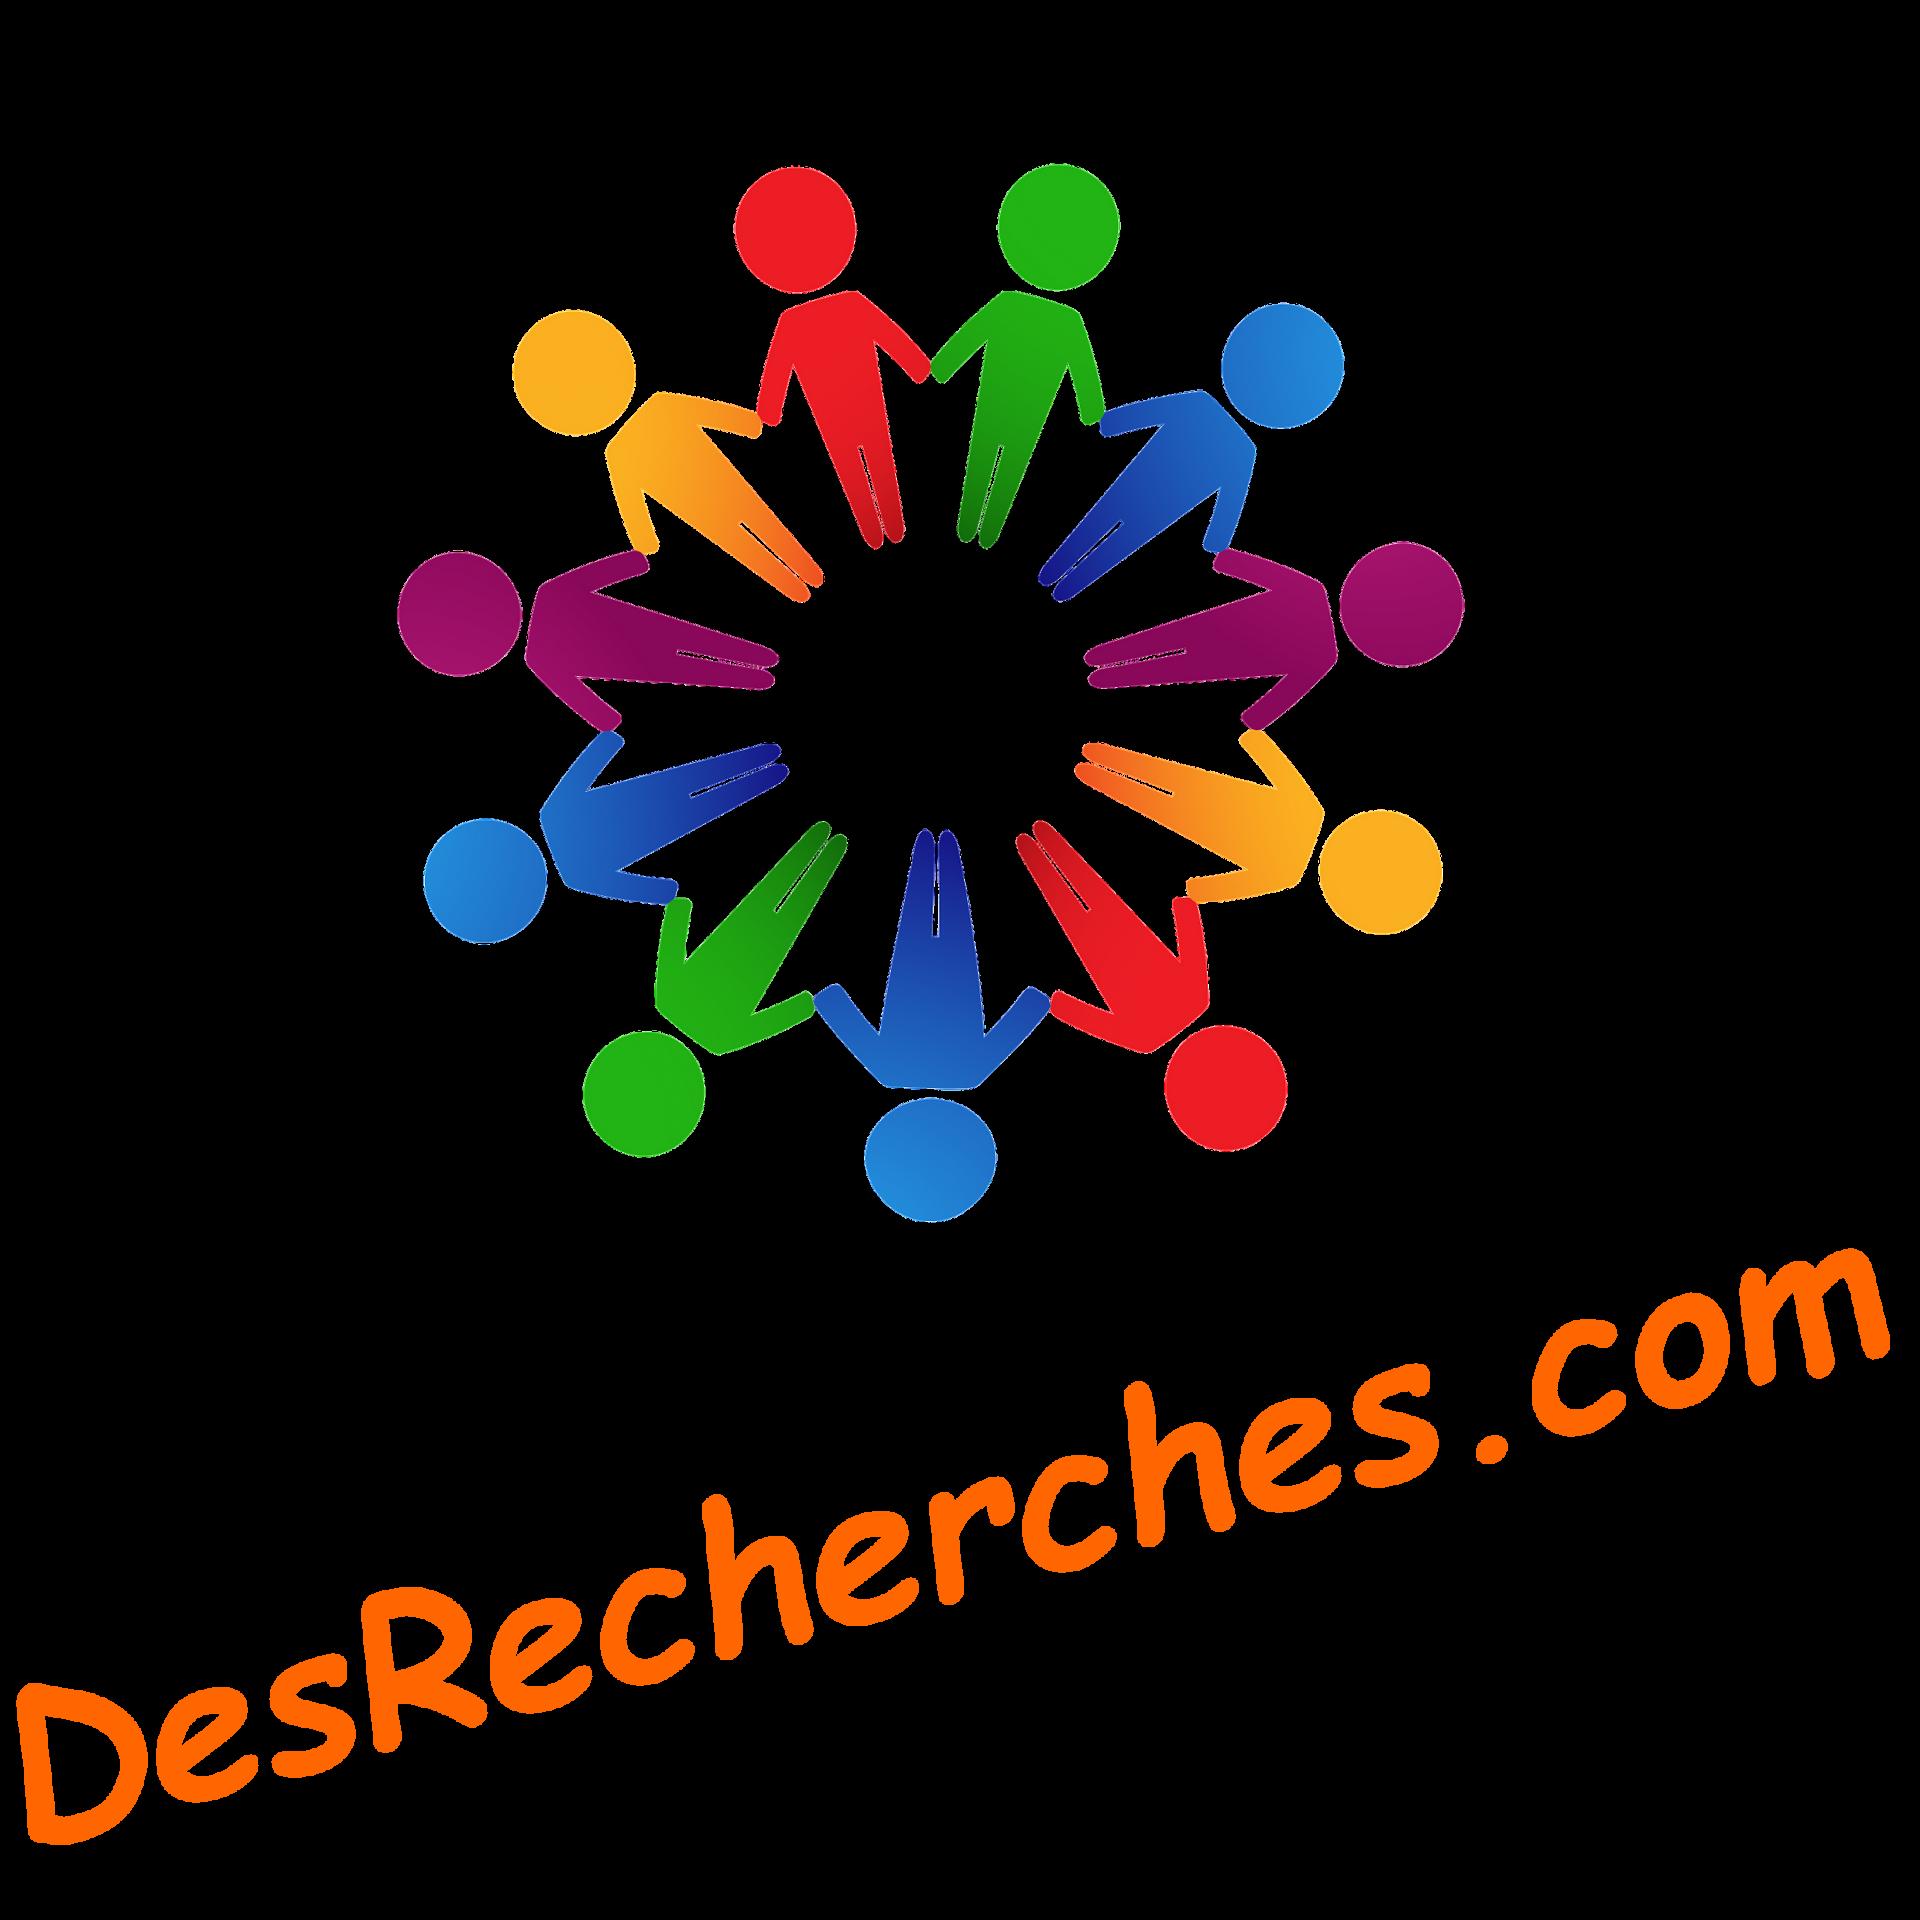 Boutique by desrecherches com desrecherches com boutique design boutique en ligne vente 06